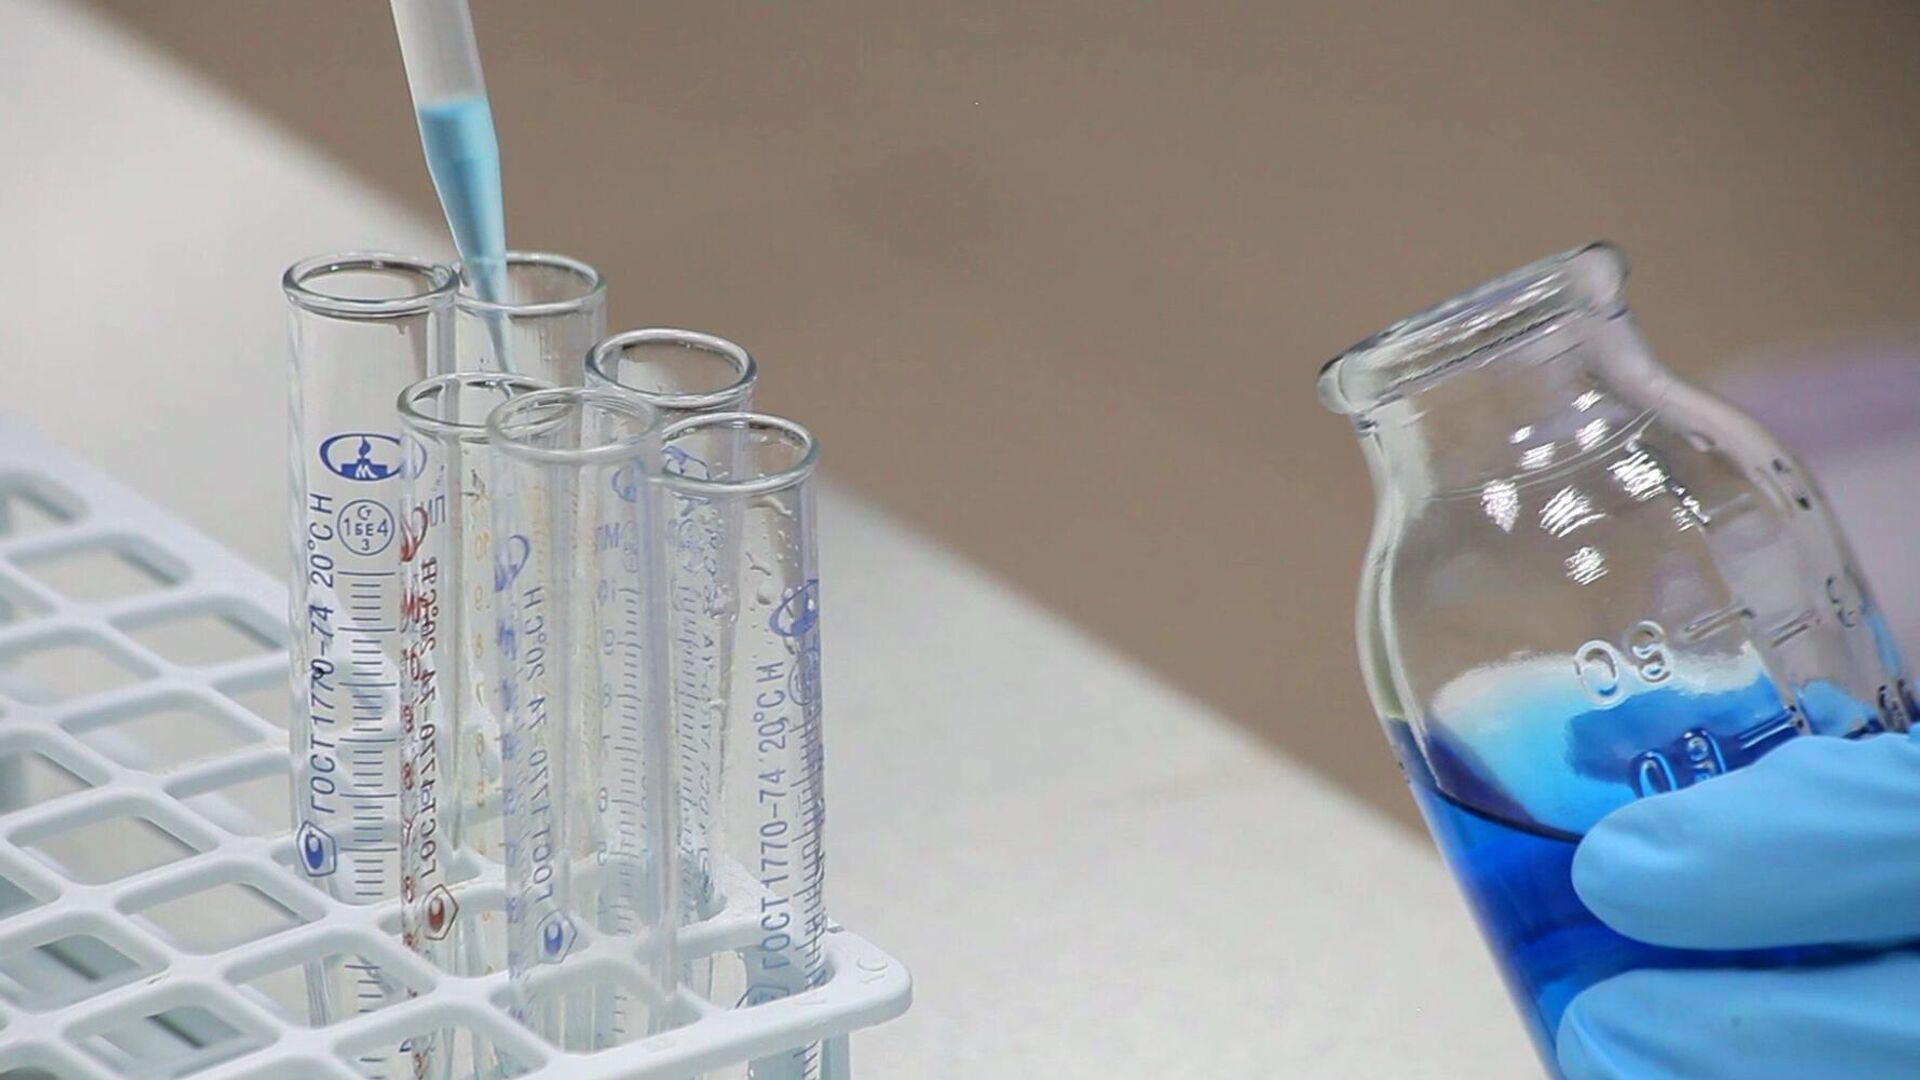 Производство препарата Ковид-глобулин на основе плазмы крови переболевших COVID-19 - РИА Новости, 1920, 22.07.2021